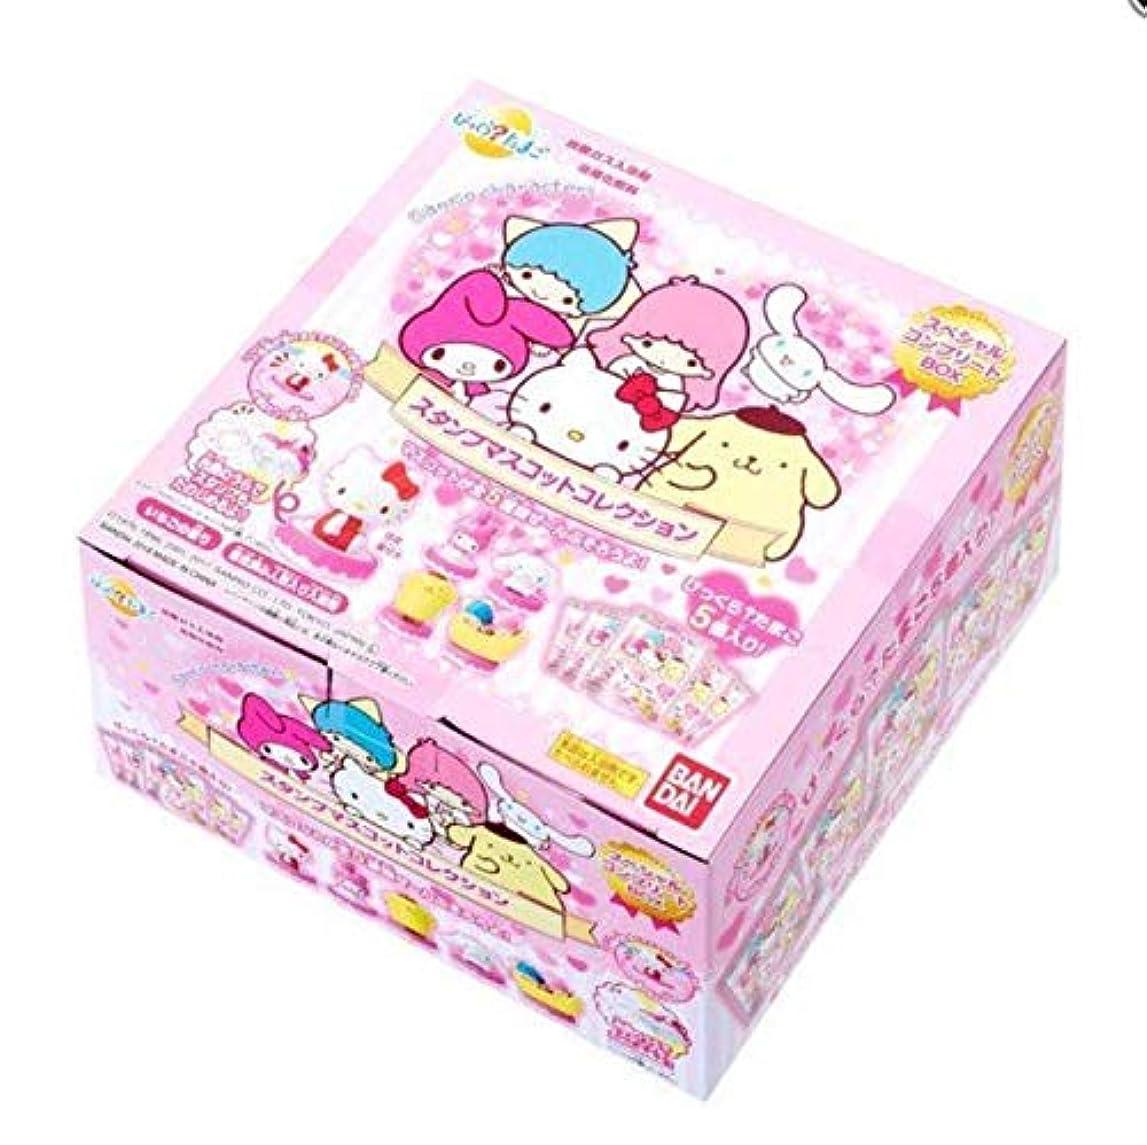 条件付きビジターチャンピオンびっくら?たまご サンリオキャラクターズ スタンプマスコットコレクション スペシャルコンプリートBOX